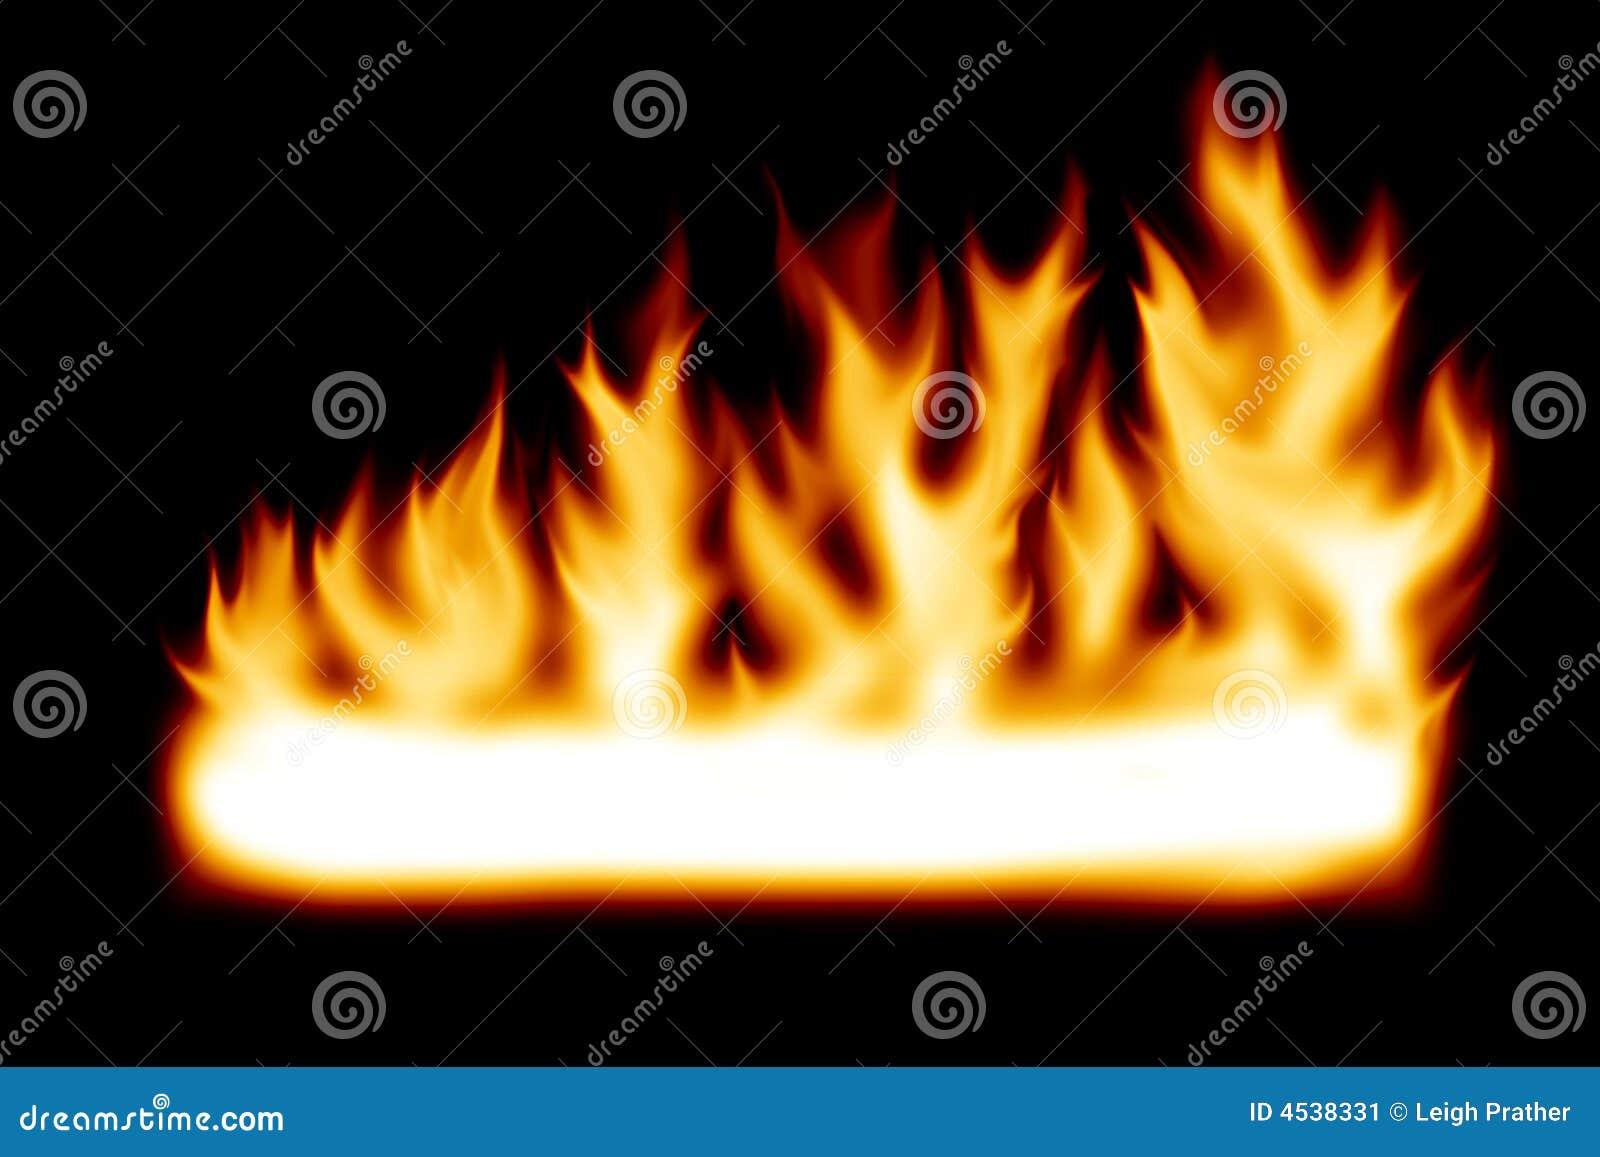 Banner ogień